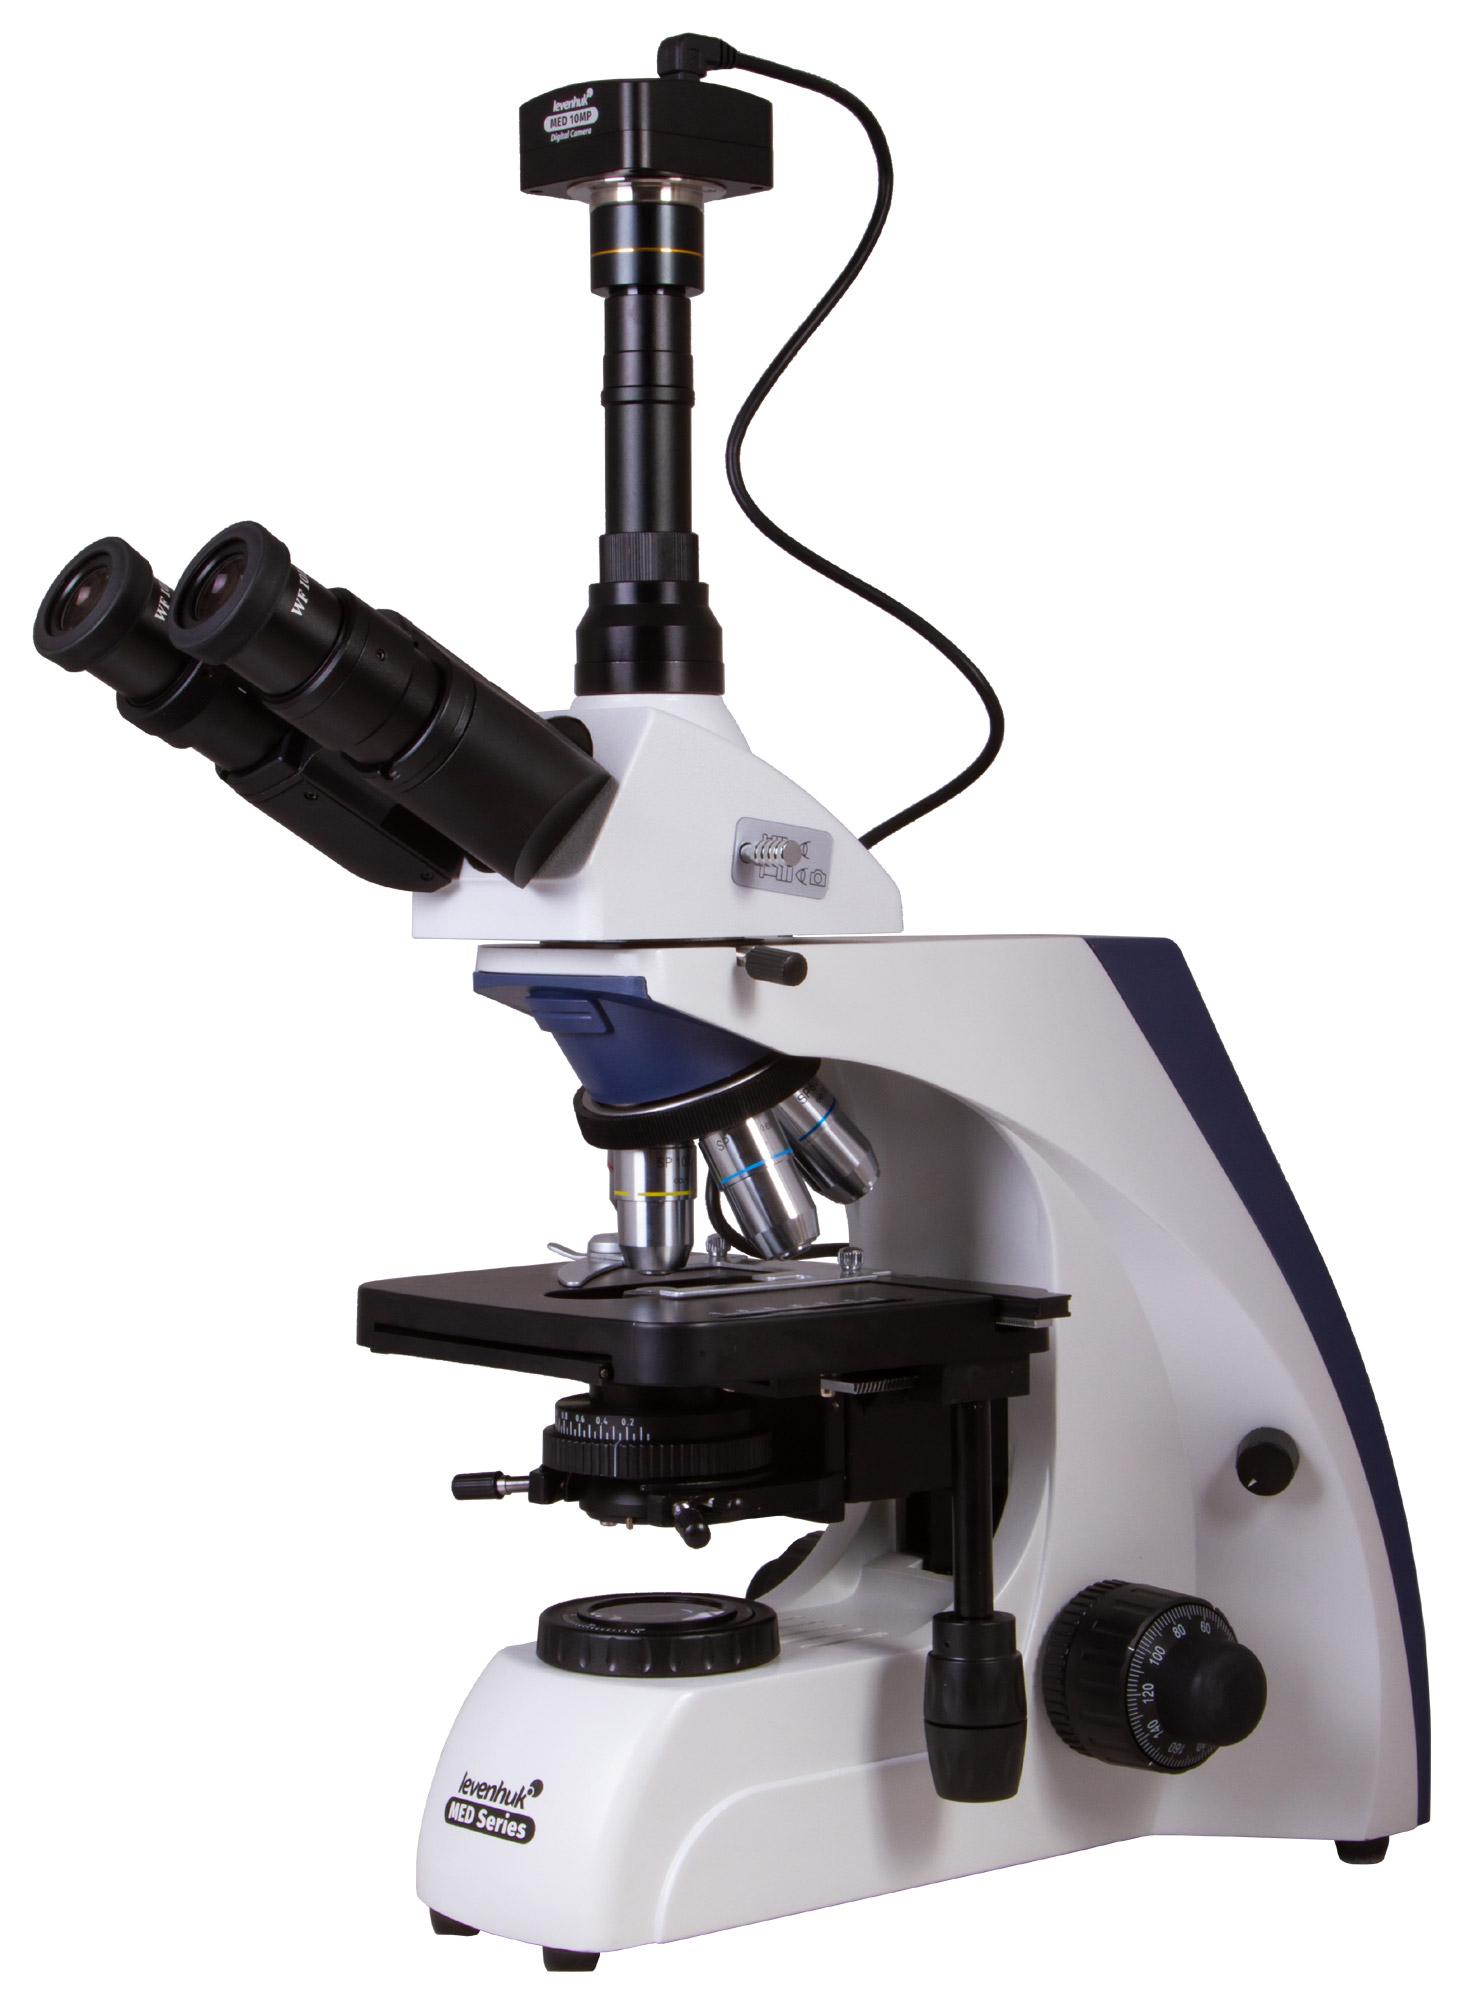 Картинка для Микроскоп цифровой Levenhuk (Левенгук) MED D30T, тринокулярный